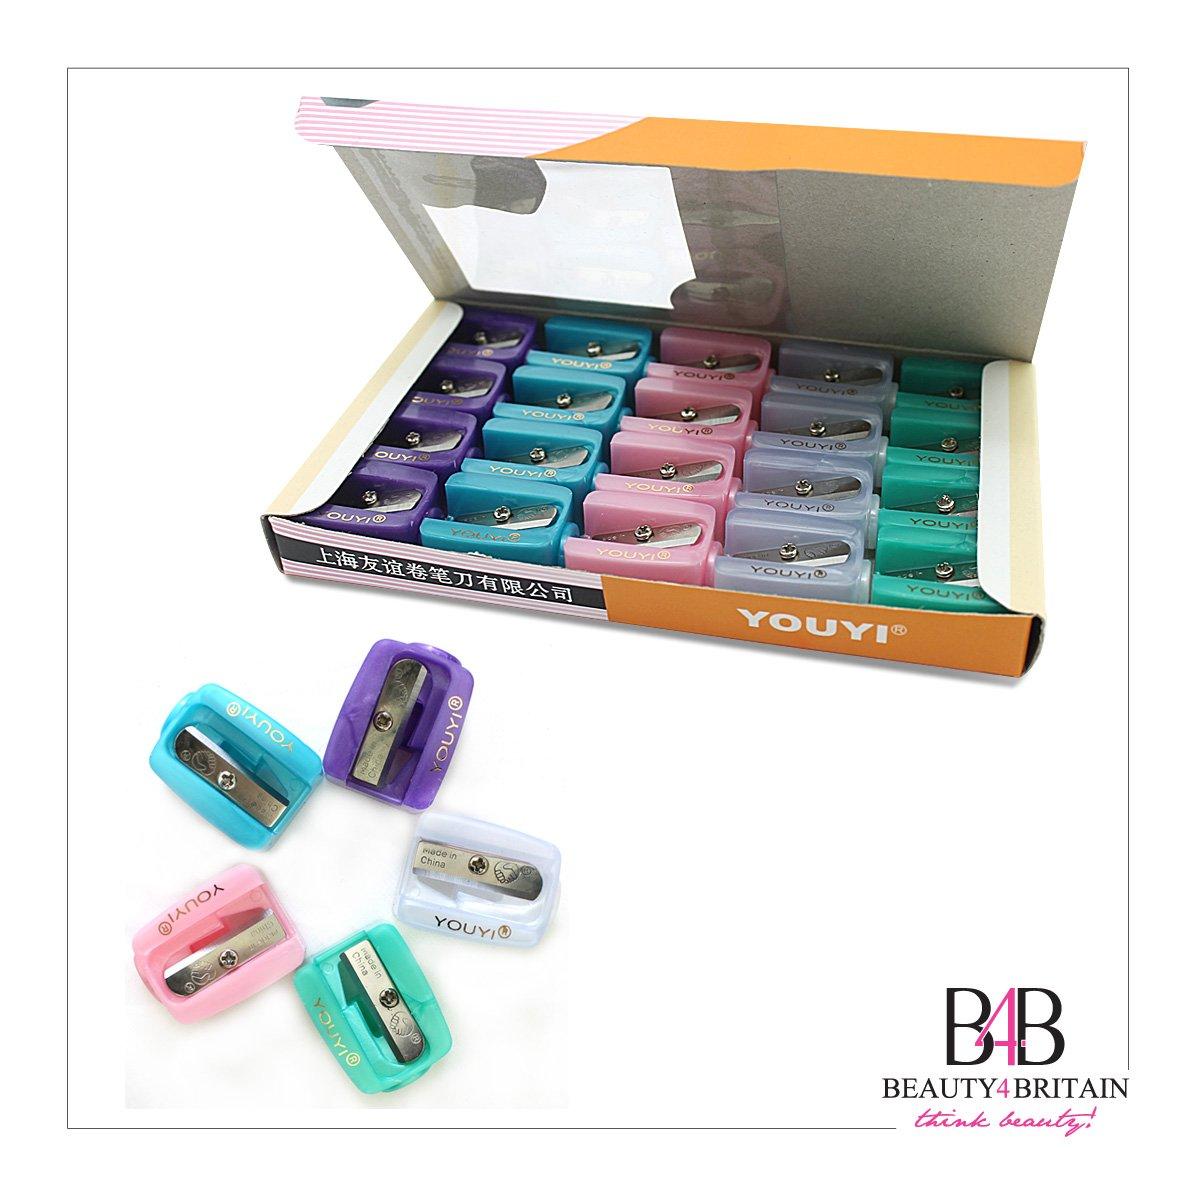 20 x Pencil Sharpeners Single Hole Make Up Cosmetic Wholesale UK Youyi